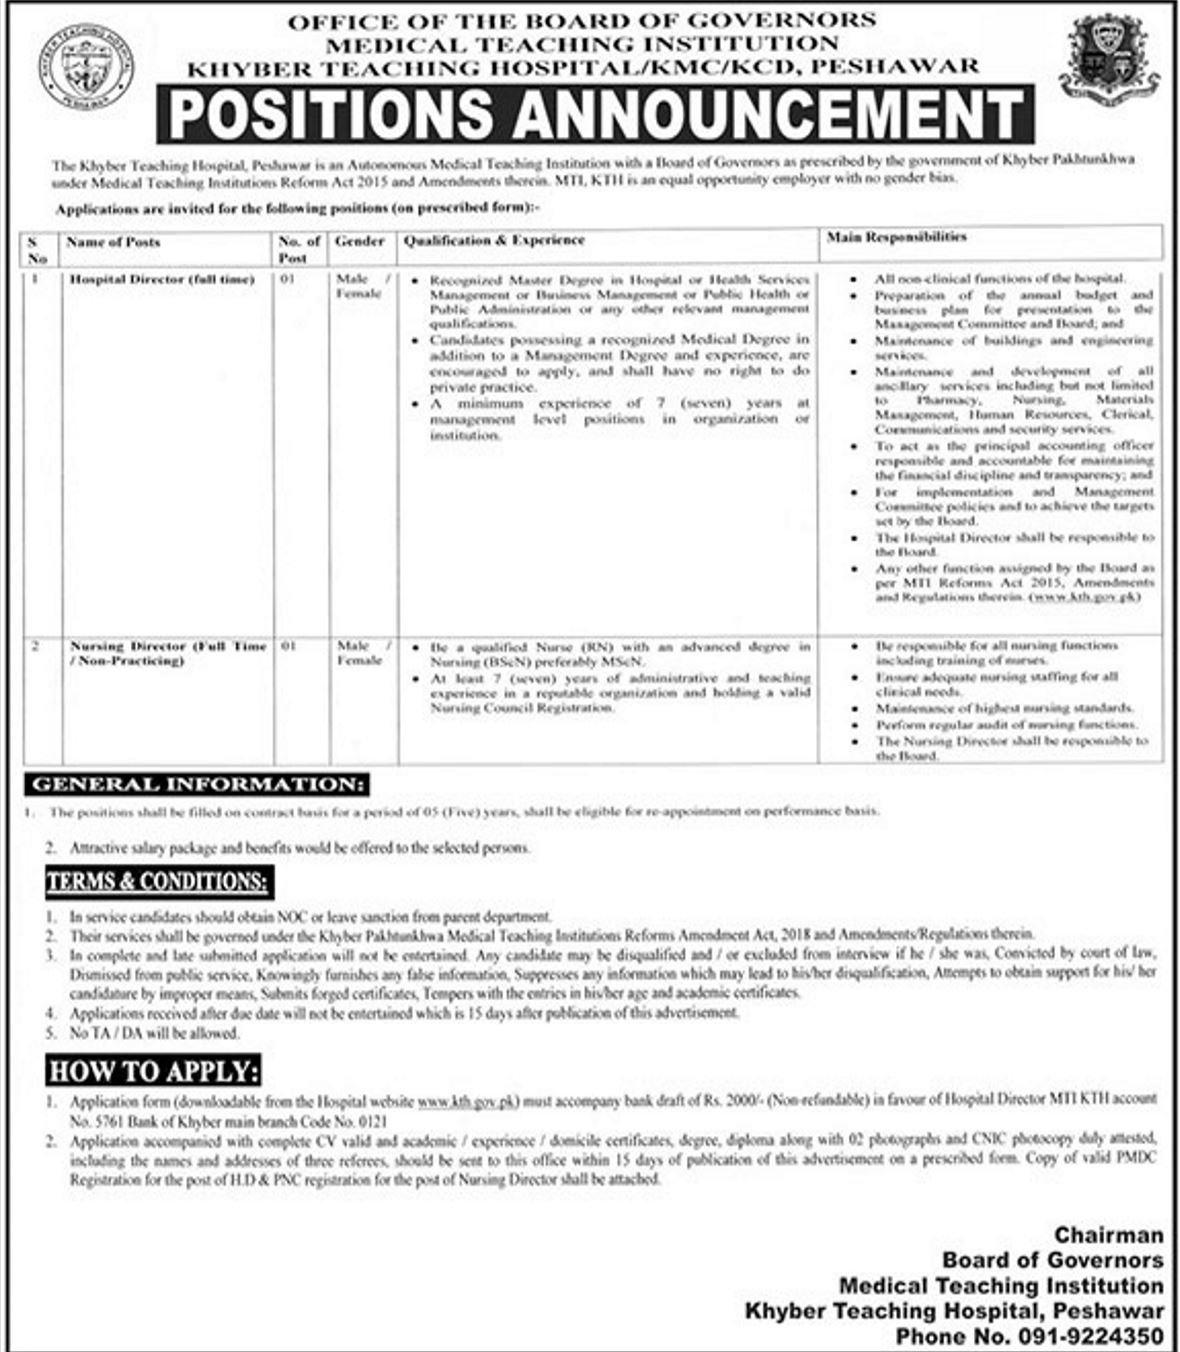 Khyber Teaching Hospital Peshawar Jobs 2019 for Hospital Director